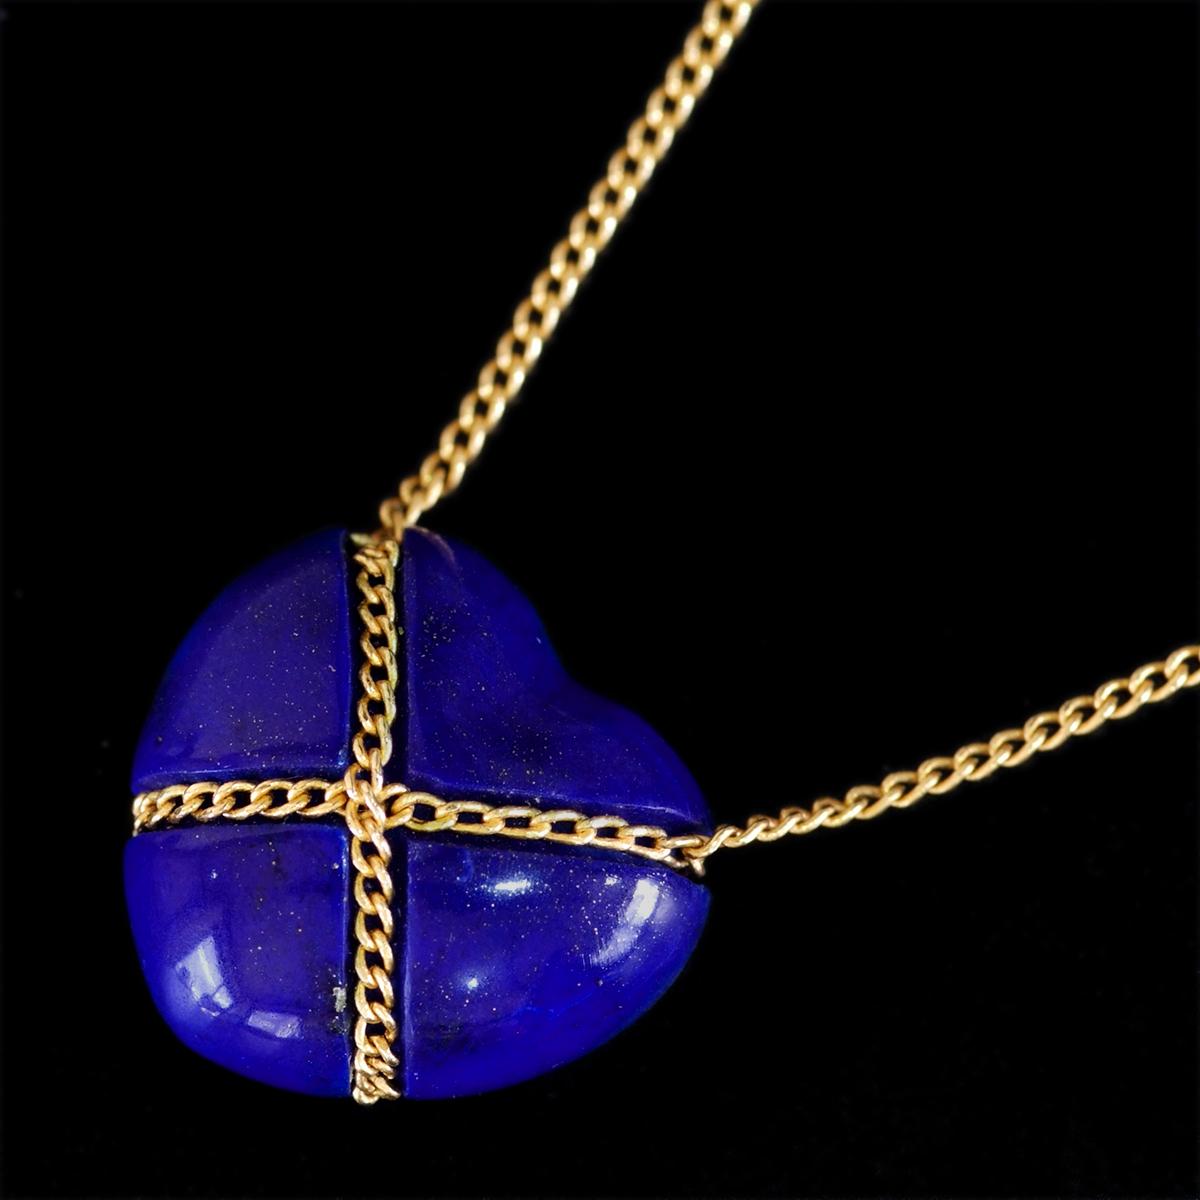 E8479【Tiffany&Co. 1837】ティファニー ハート ラピスラズリ 最高級18金無垢ネックレス 長さ46.5cm 重量3.42g 幅13.4mm_画像1